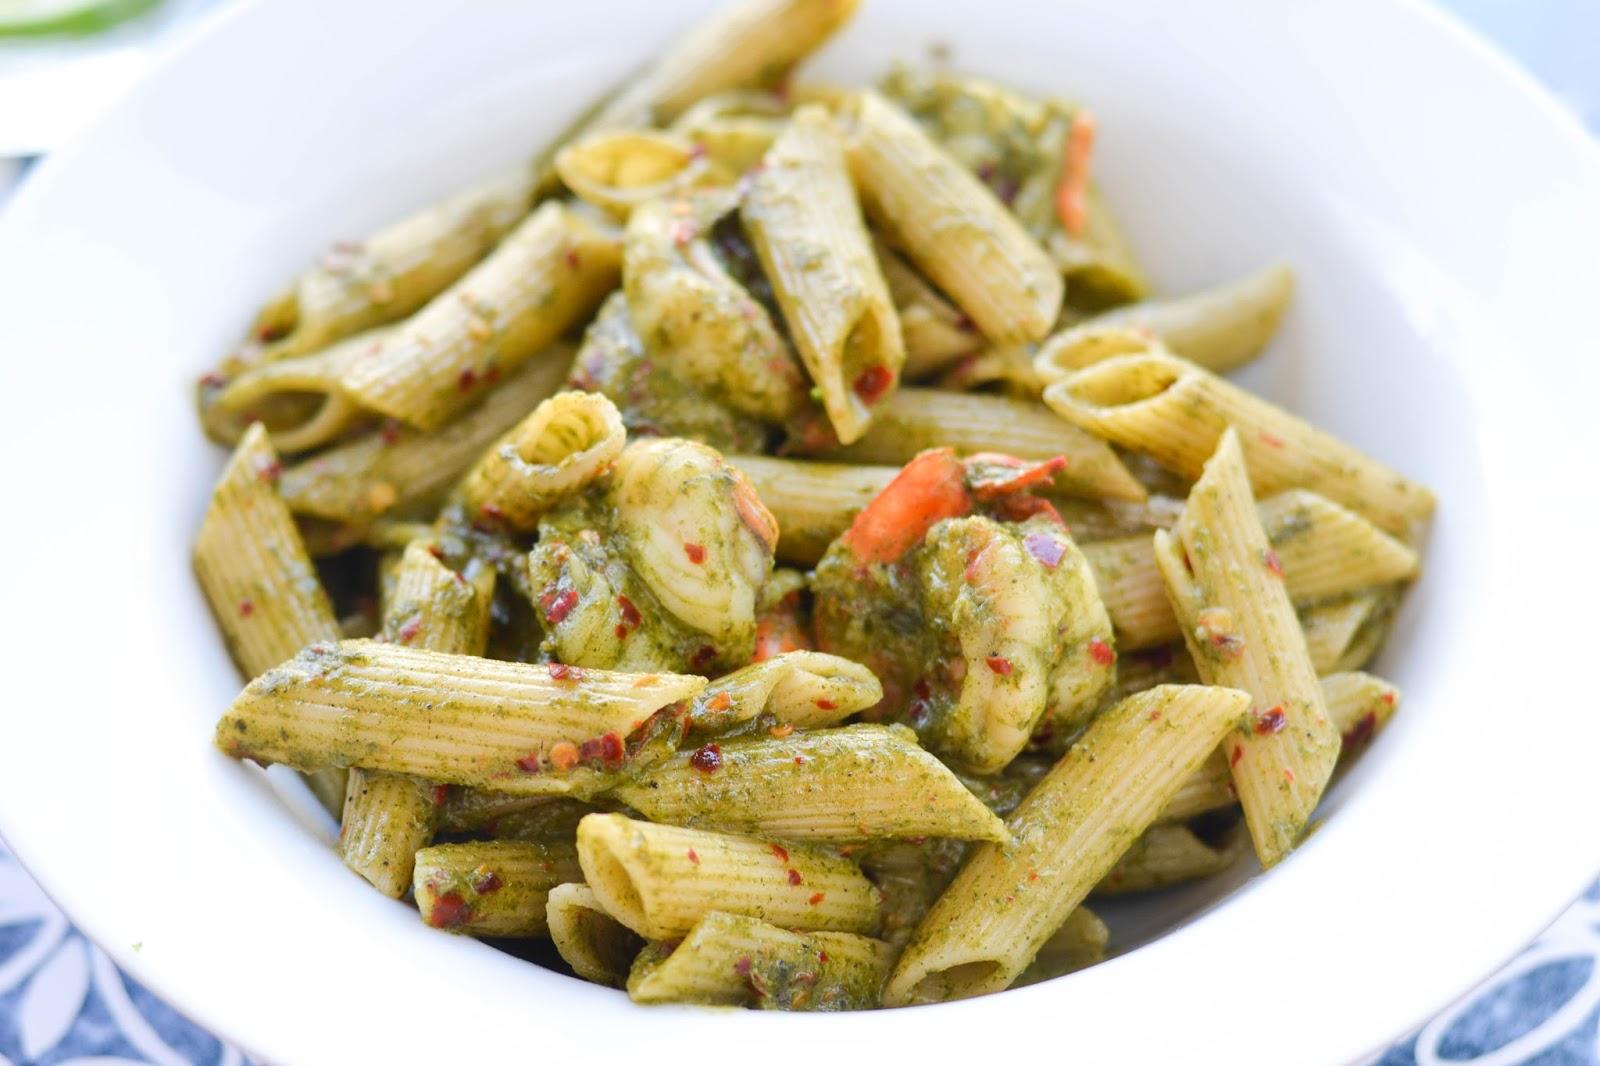 Penne Pesto Pasta with prawns